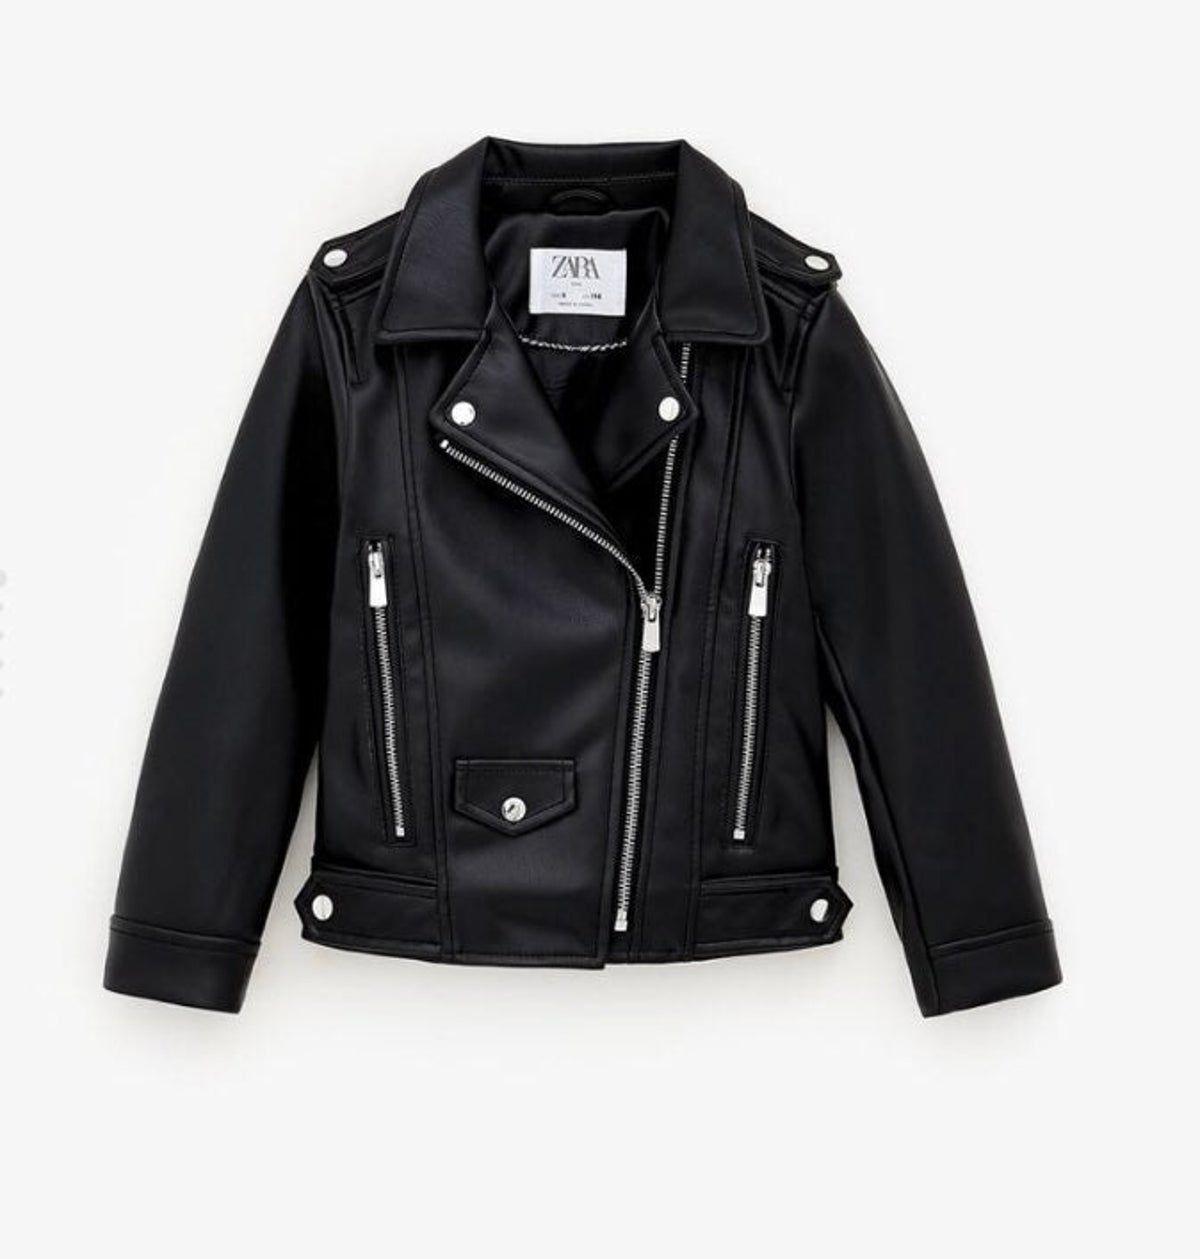 Zara Kids Biker Jacket Size 10 In 2021 Faux Leather Biker Jacket Leather Jackets Women Zara Leather Jacket [ 1259 x 1200 Pixel ]